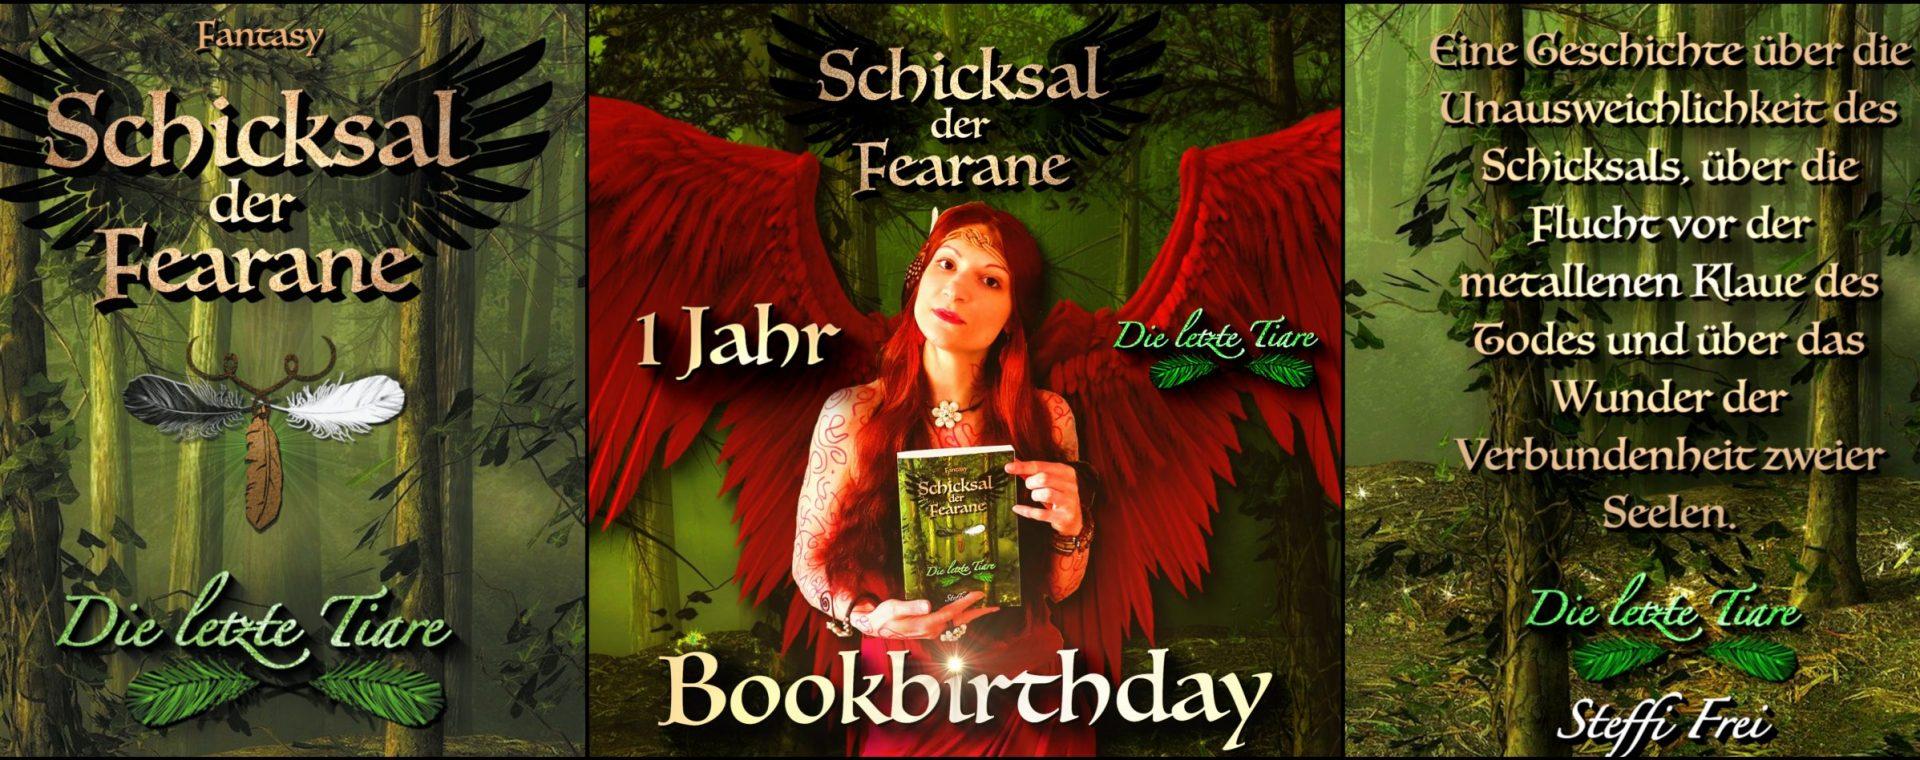 """Bookbirthday: 1 Jahr """"Die letzte Tiare"""" von Steffi Frei"""